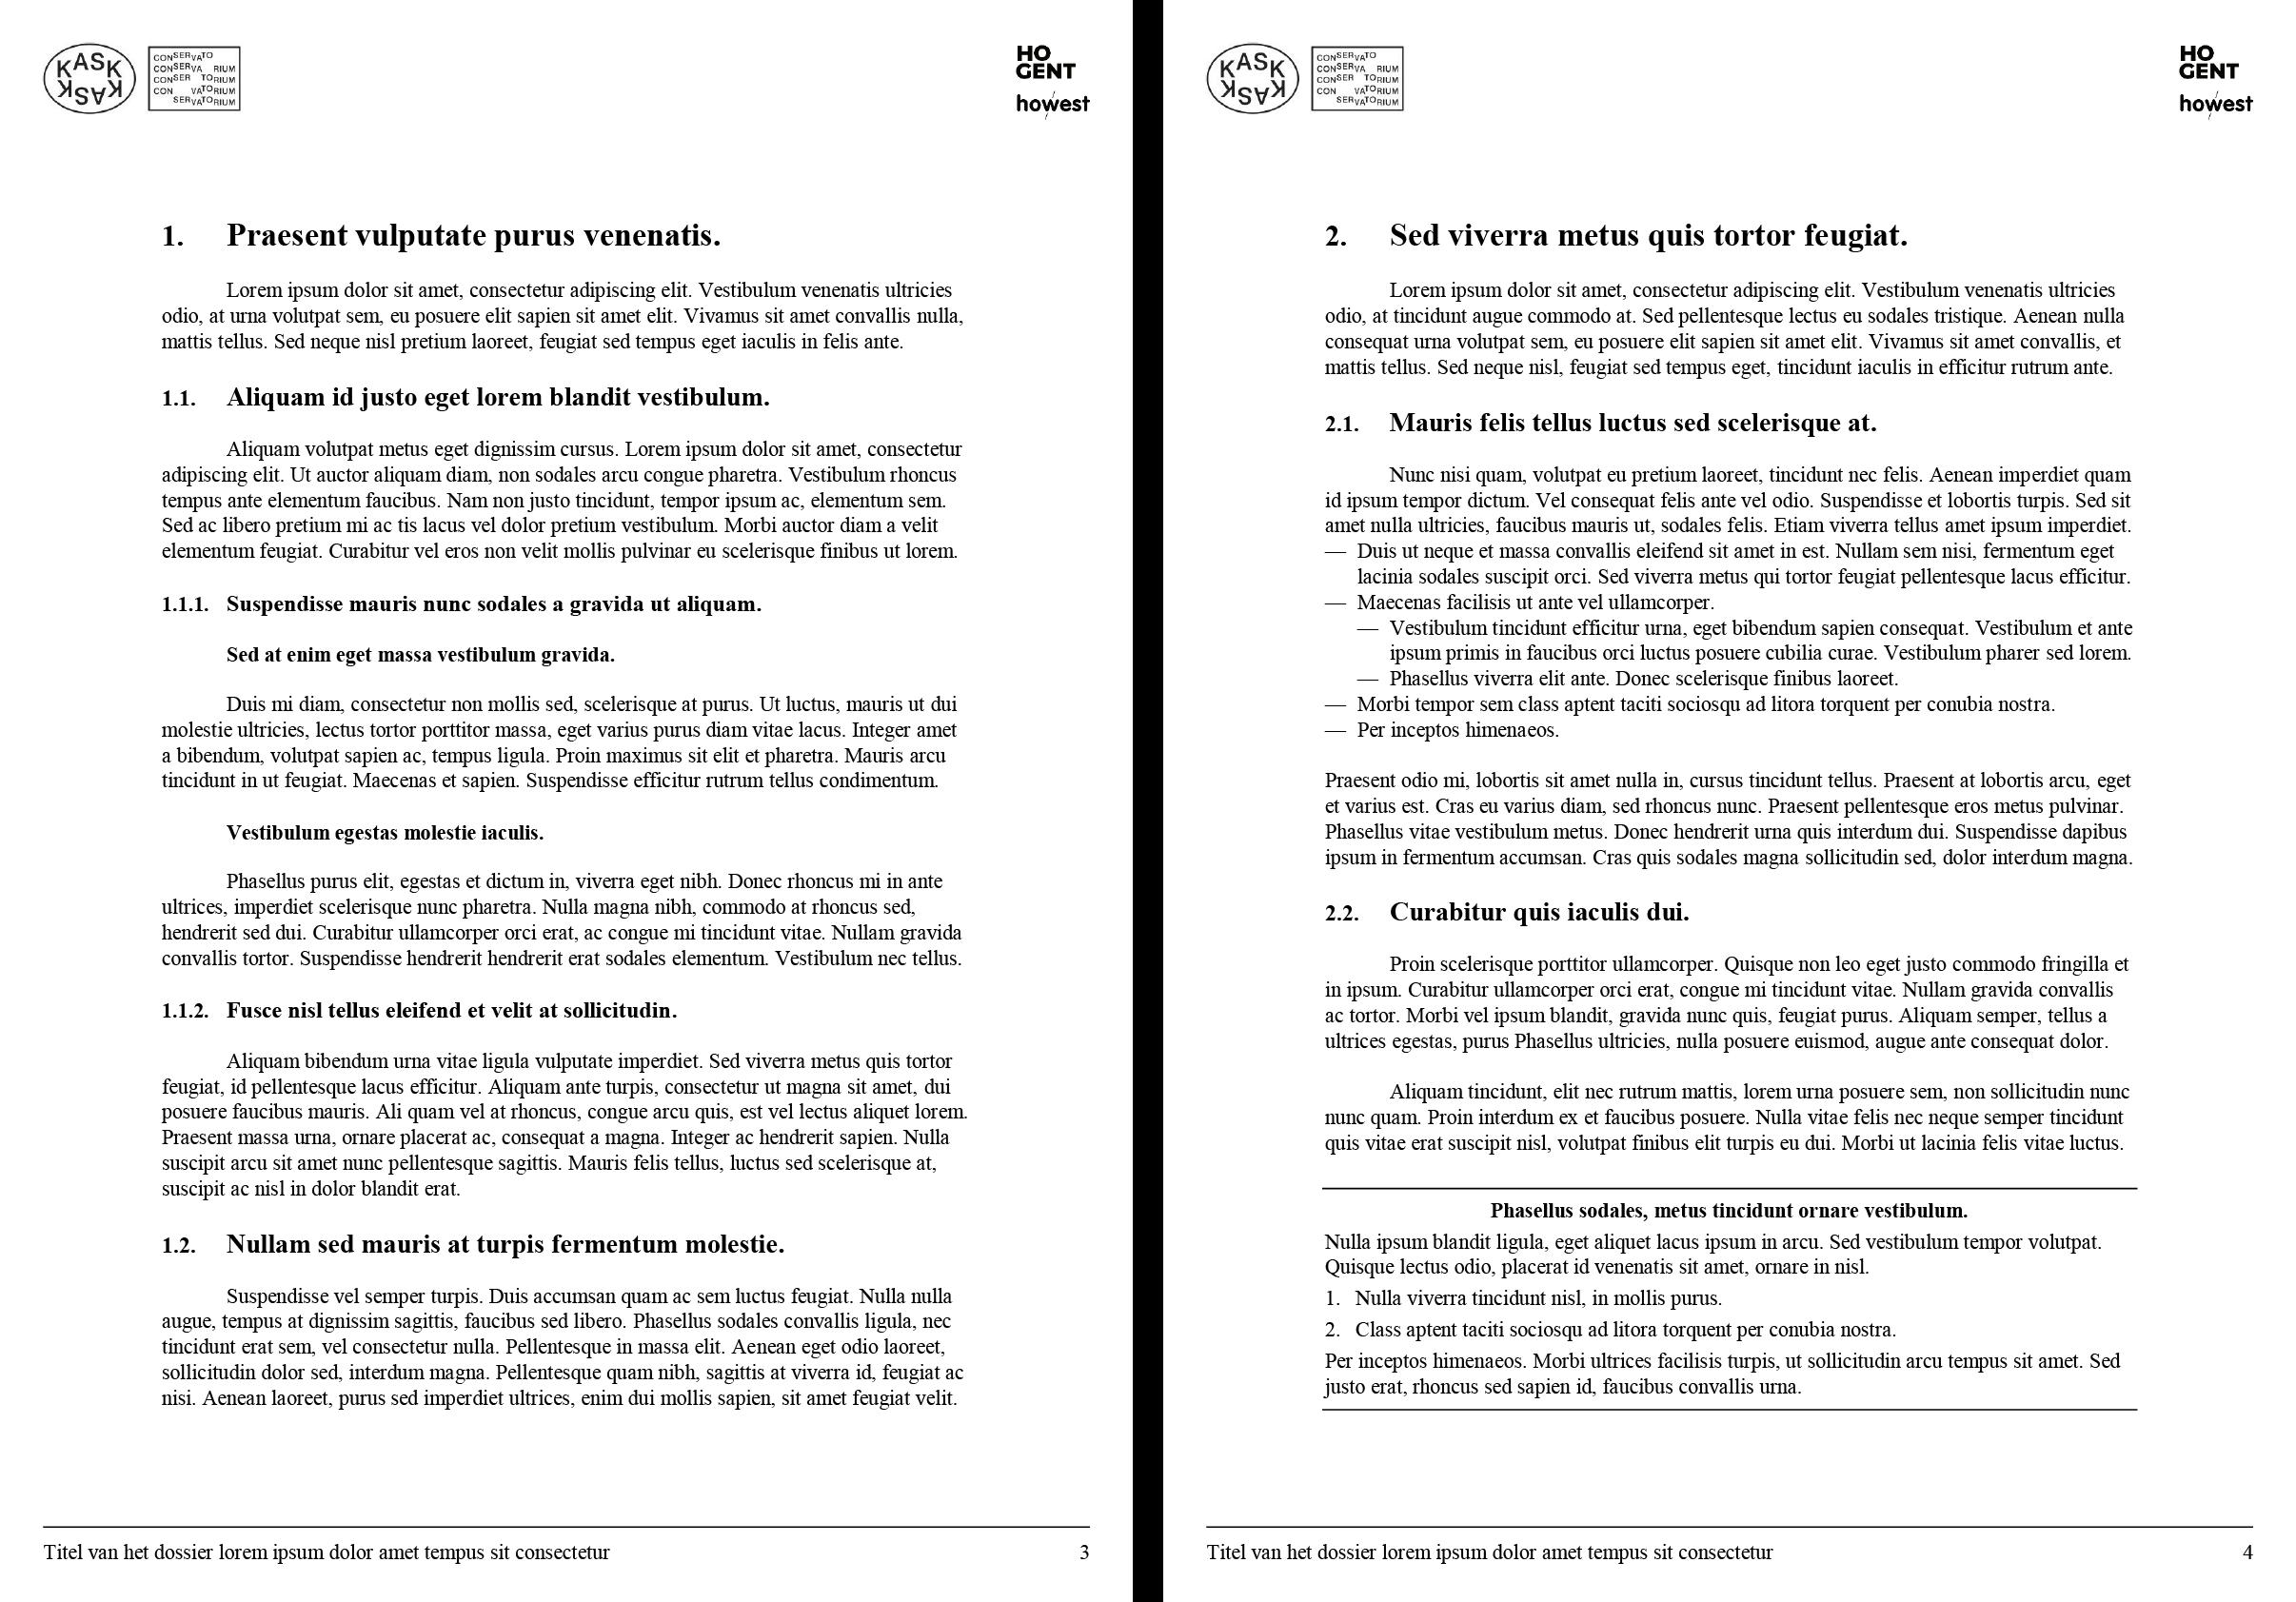 Dossier: tekstpagina met koppen, ongenummerde opsomming en kadertekst (ingevuld). Microsoft Word-sjabloon voor KASK & Conservatorium (School of Arts Gent).